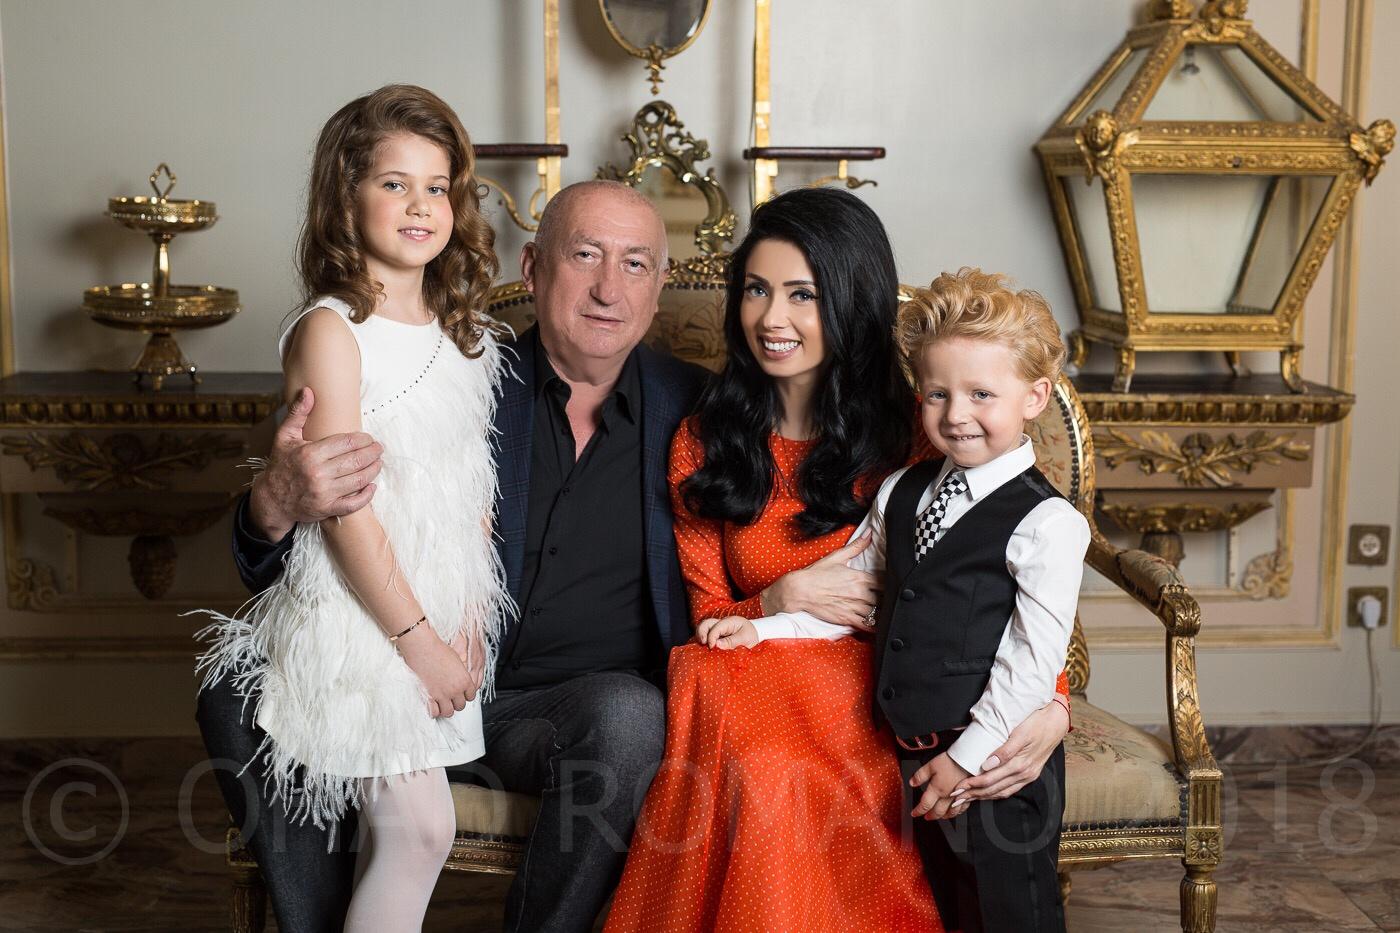 ניקול ראידמן וצרנוי עם ילדיהם צילום אוהד רומנו